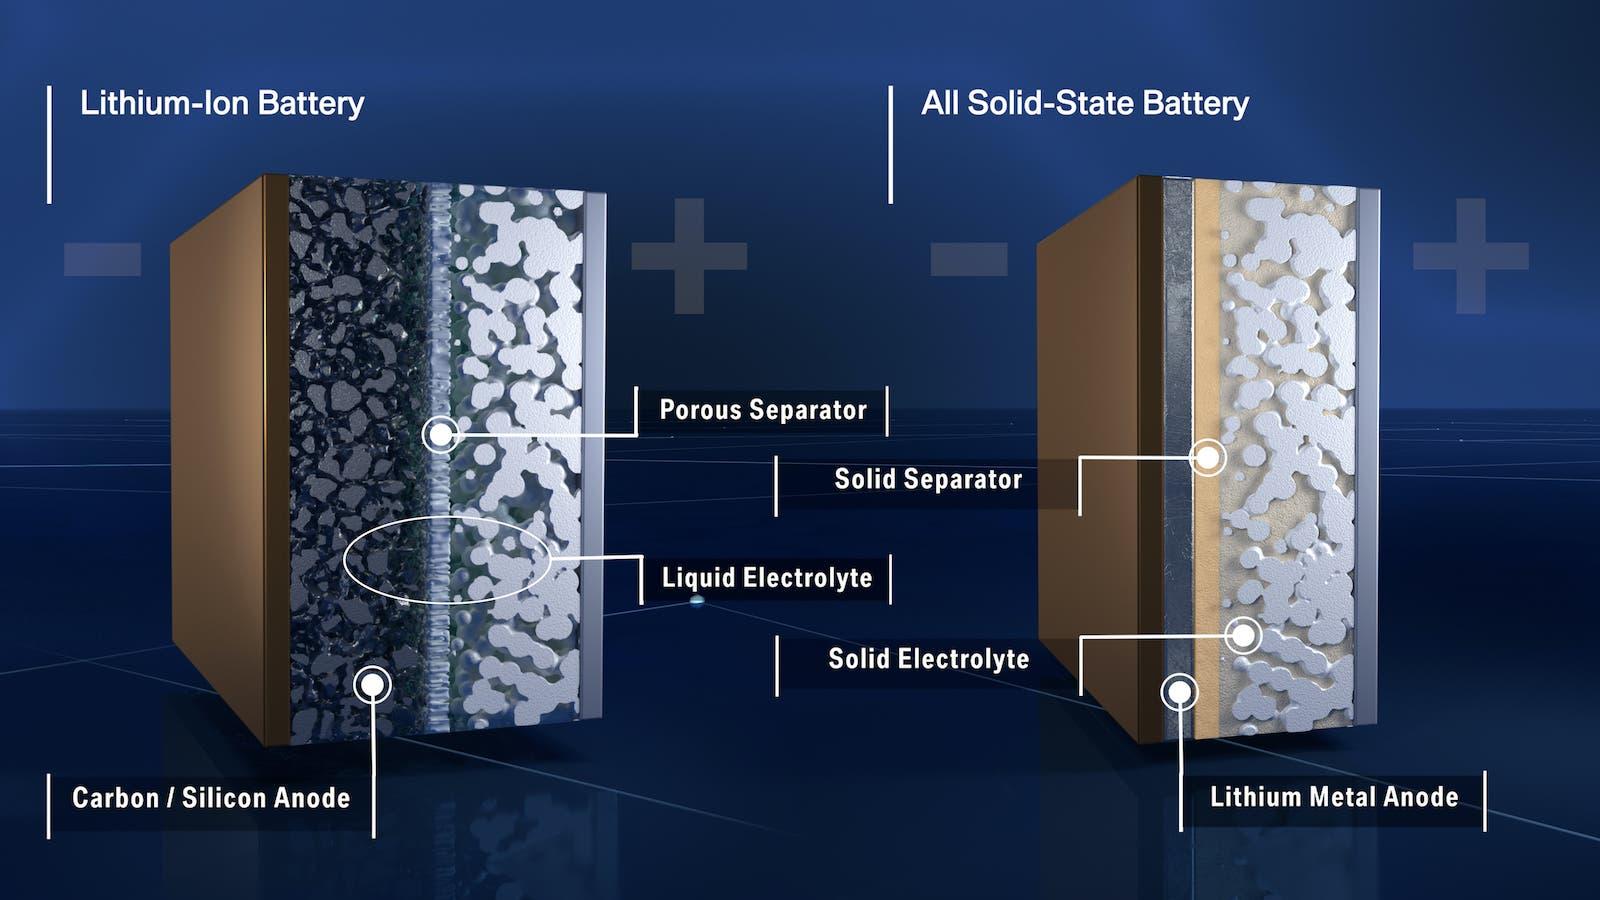 baterías de vehículos eléctricos de estado sólido